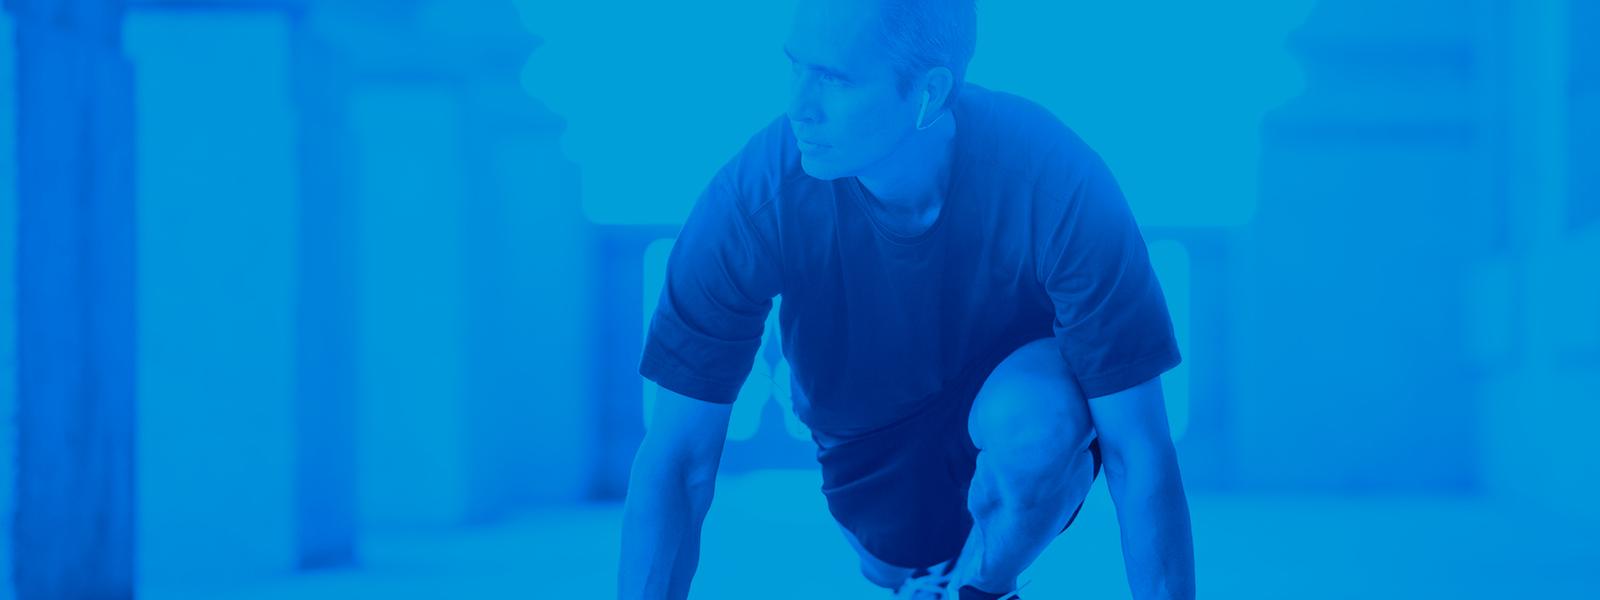 Image de um homem se alongando para realizar um exercicio